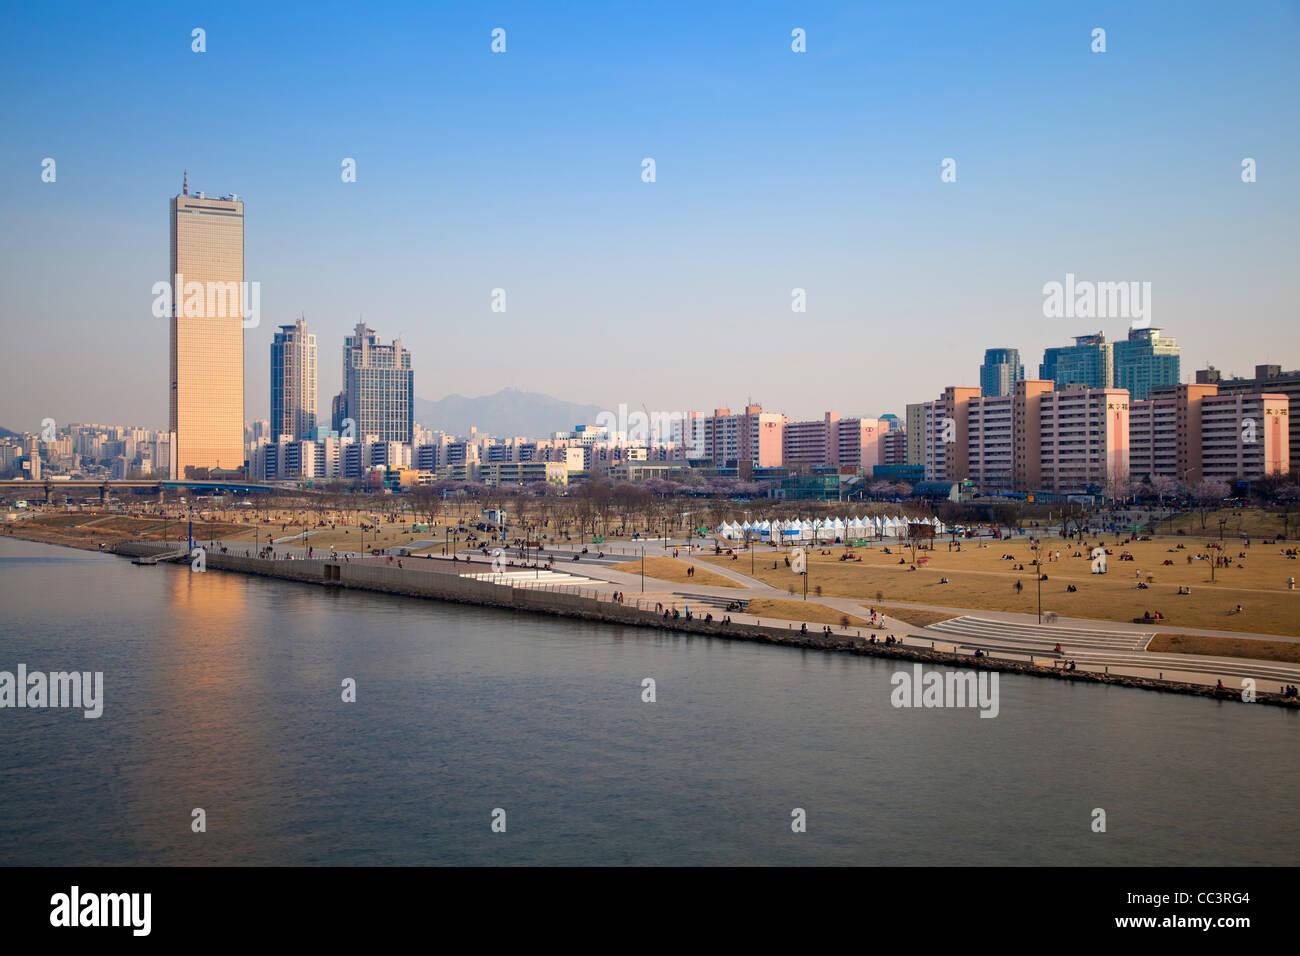 Corée, Séoul, Yeouido, Building 63 - l'un des plus célèbres Seouls, sur les rives de la Photo Stock